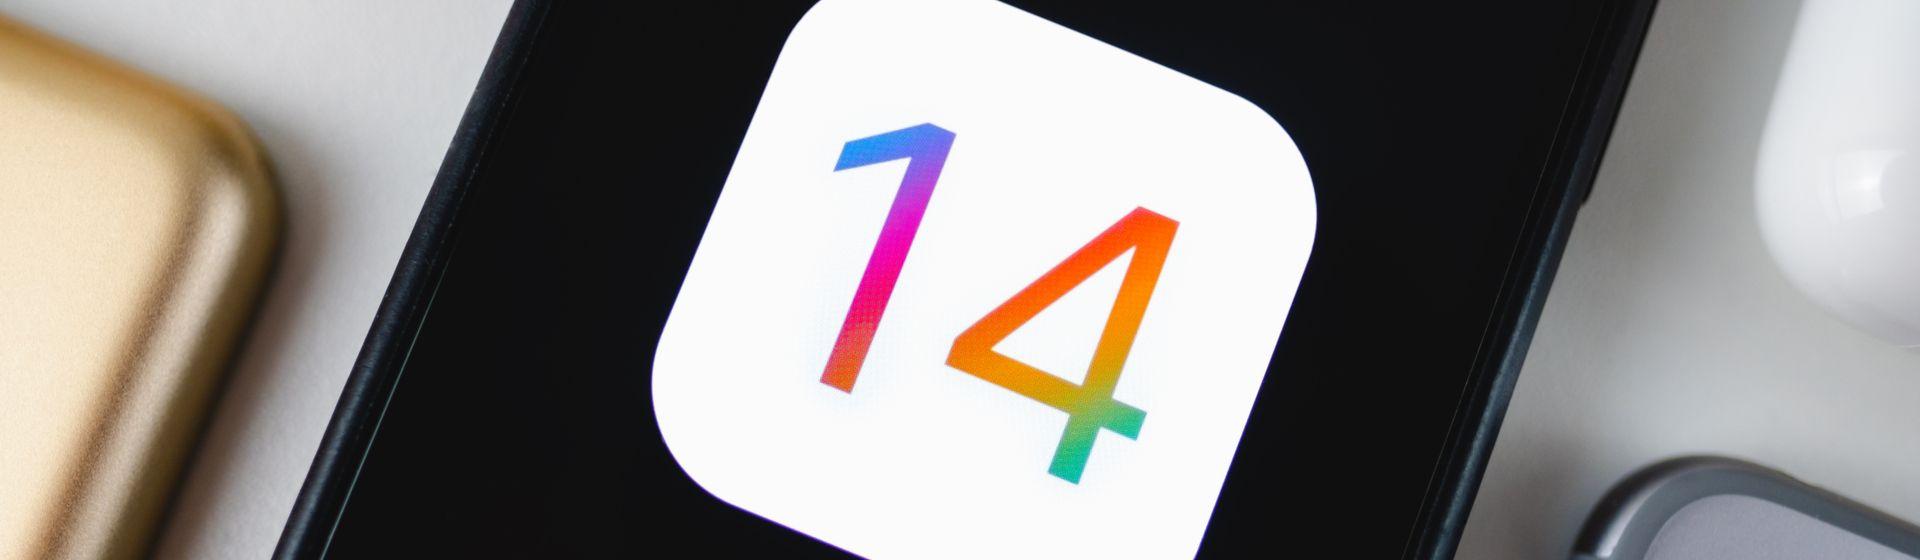 iOS 14 beta: como instalar a versão de testes do sistema da Apple no iPhone